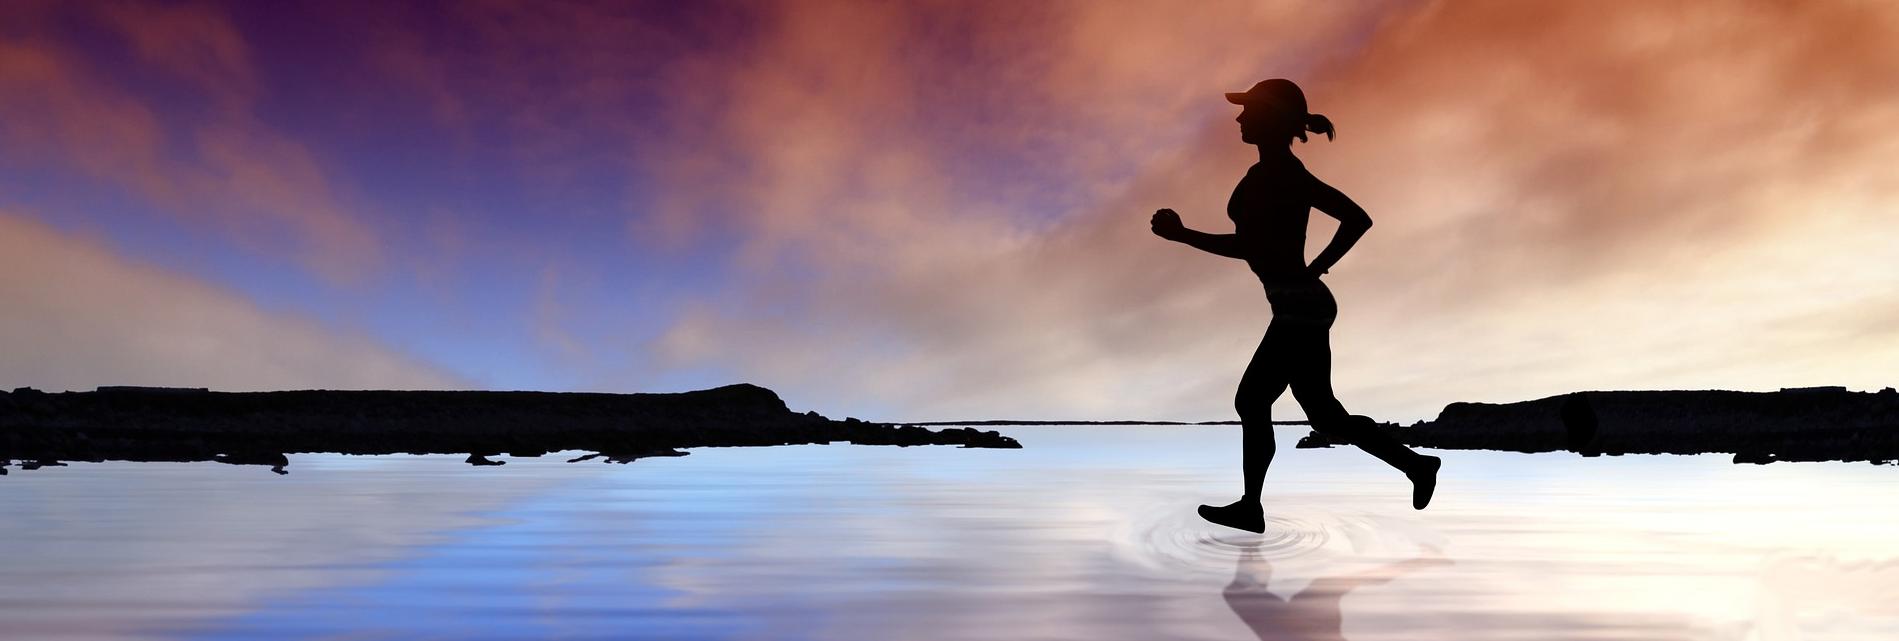 Läuferin vor blau-rotem Himmel